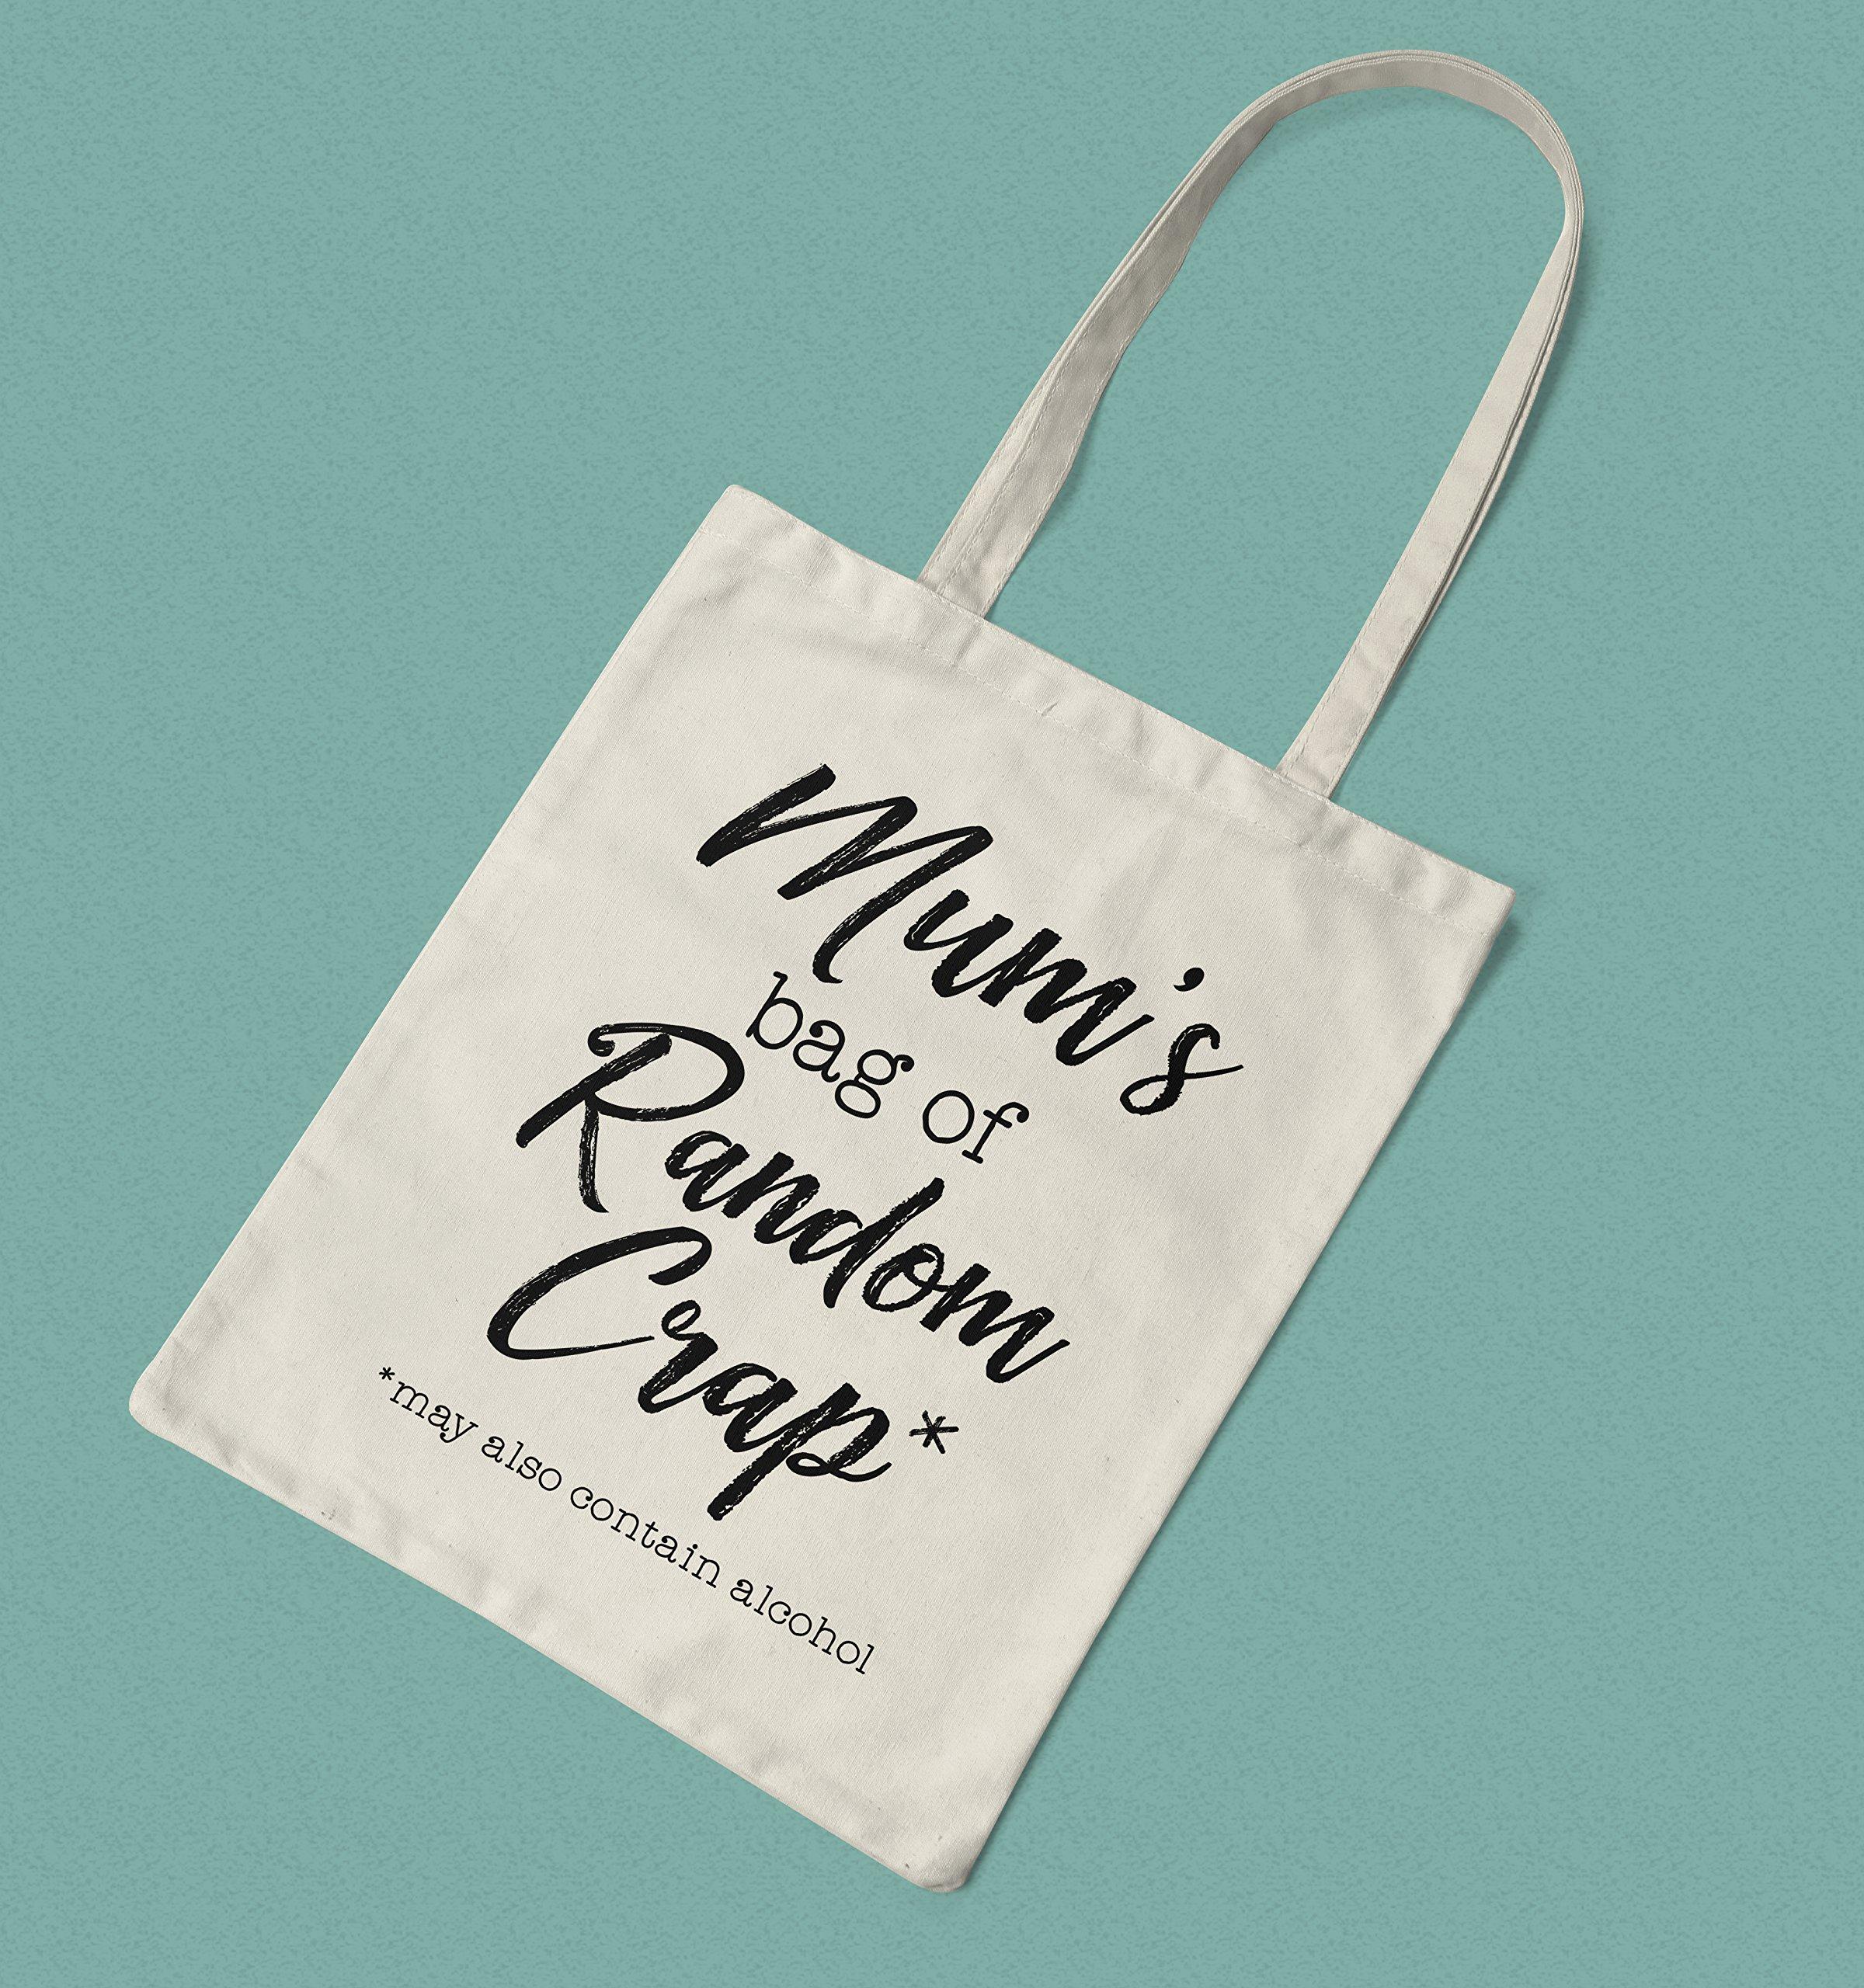 Gift for Mum - Mum's Bag of Random Crap Canvas Tote - handmade-bags